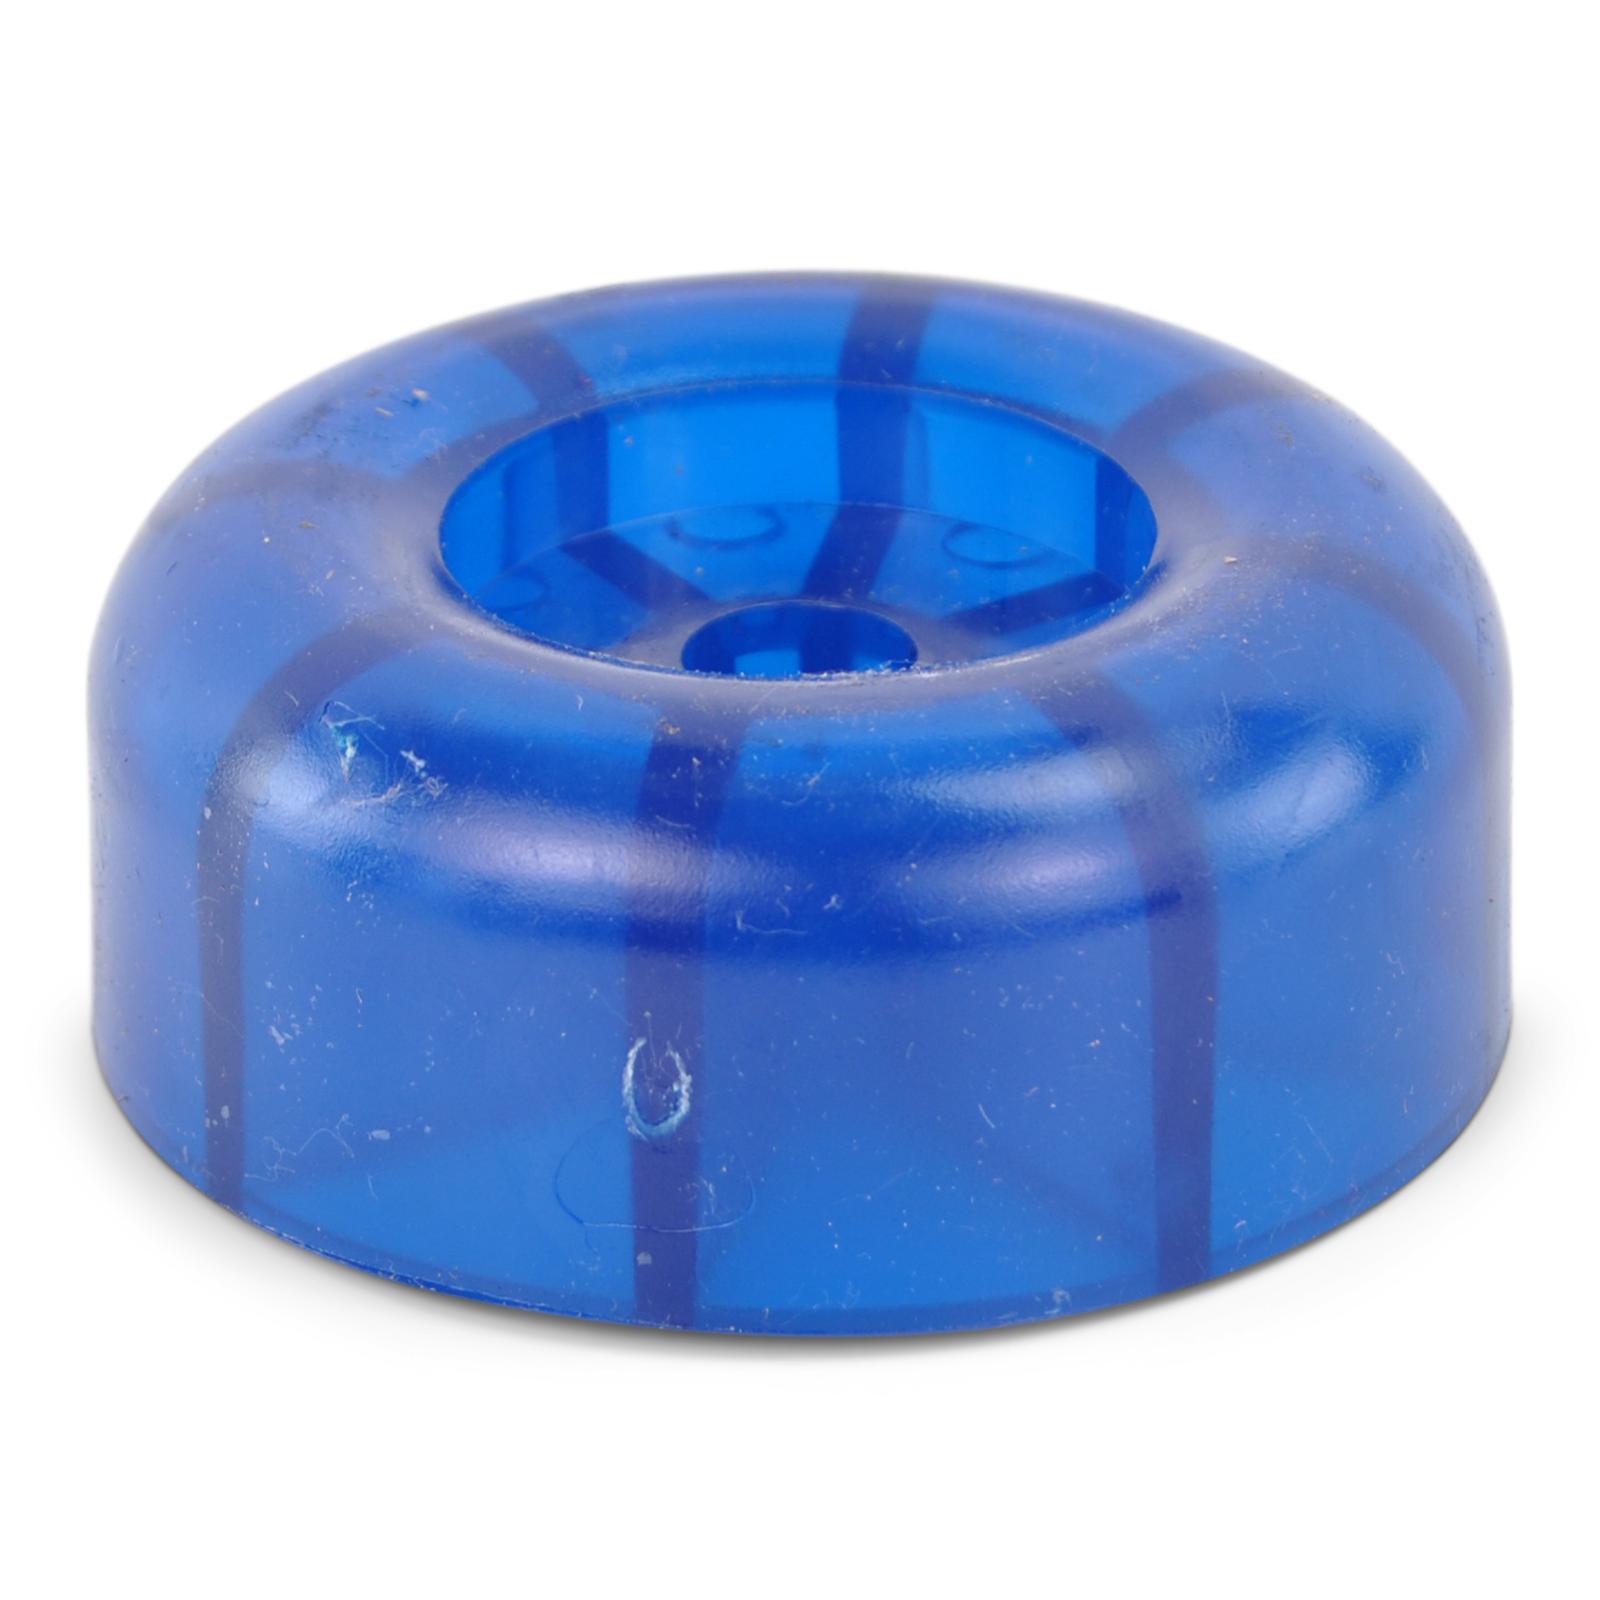 Endkappe BLAU Ø 90 mm für Kielrolle Rolle Polyvinyl